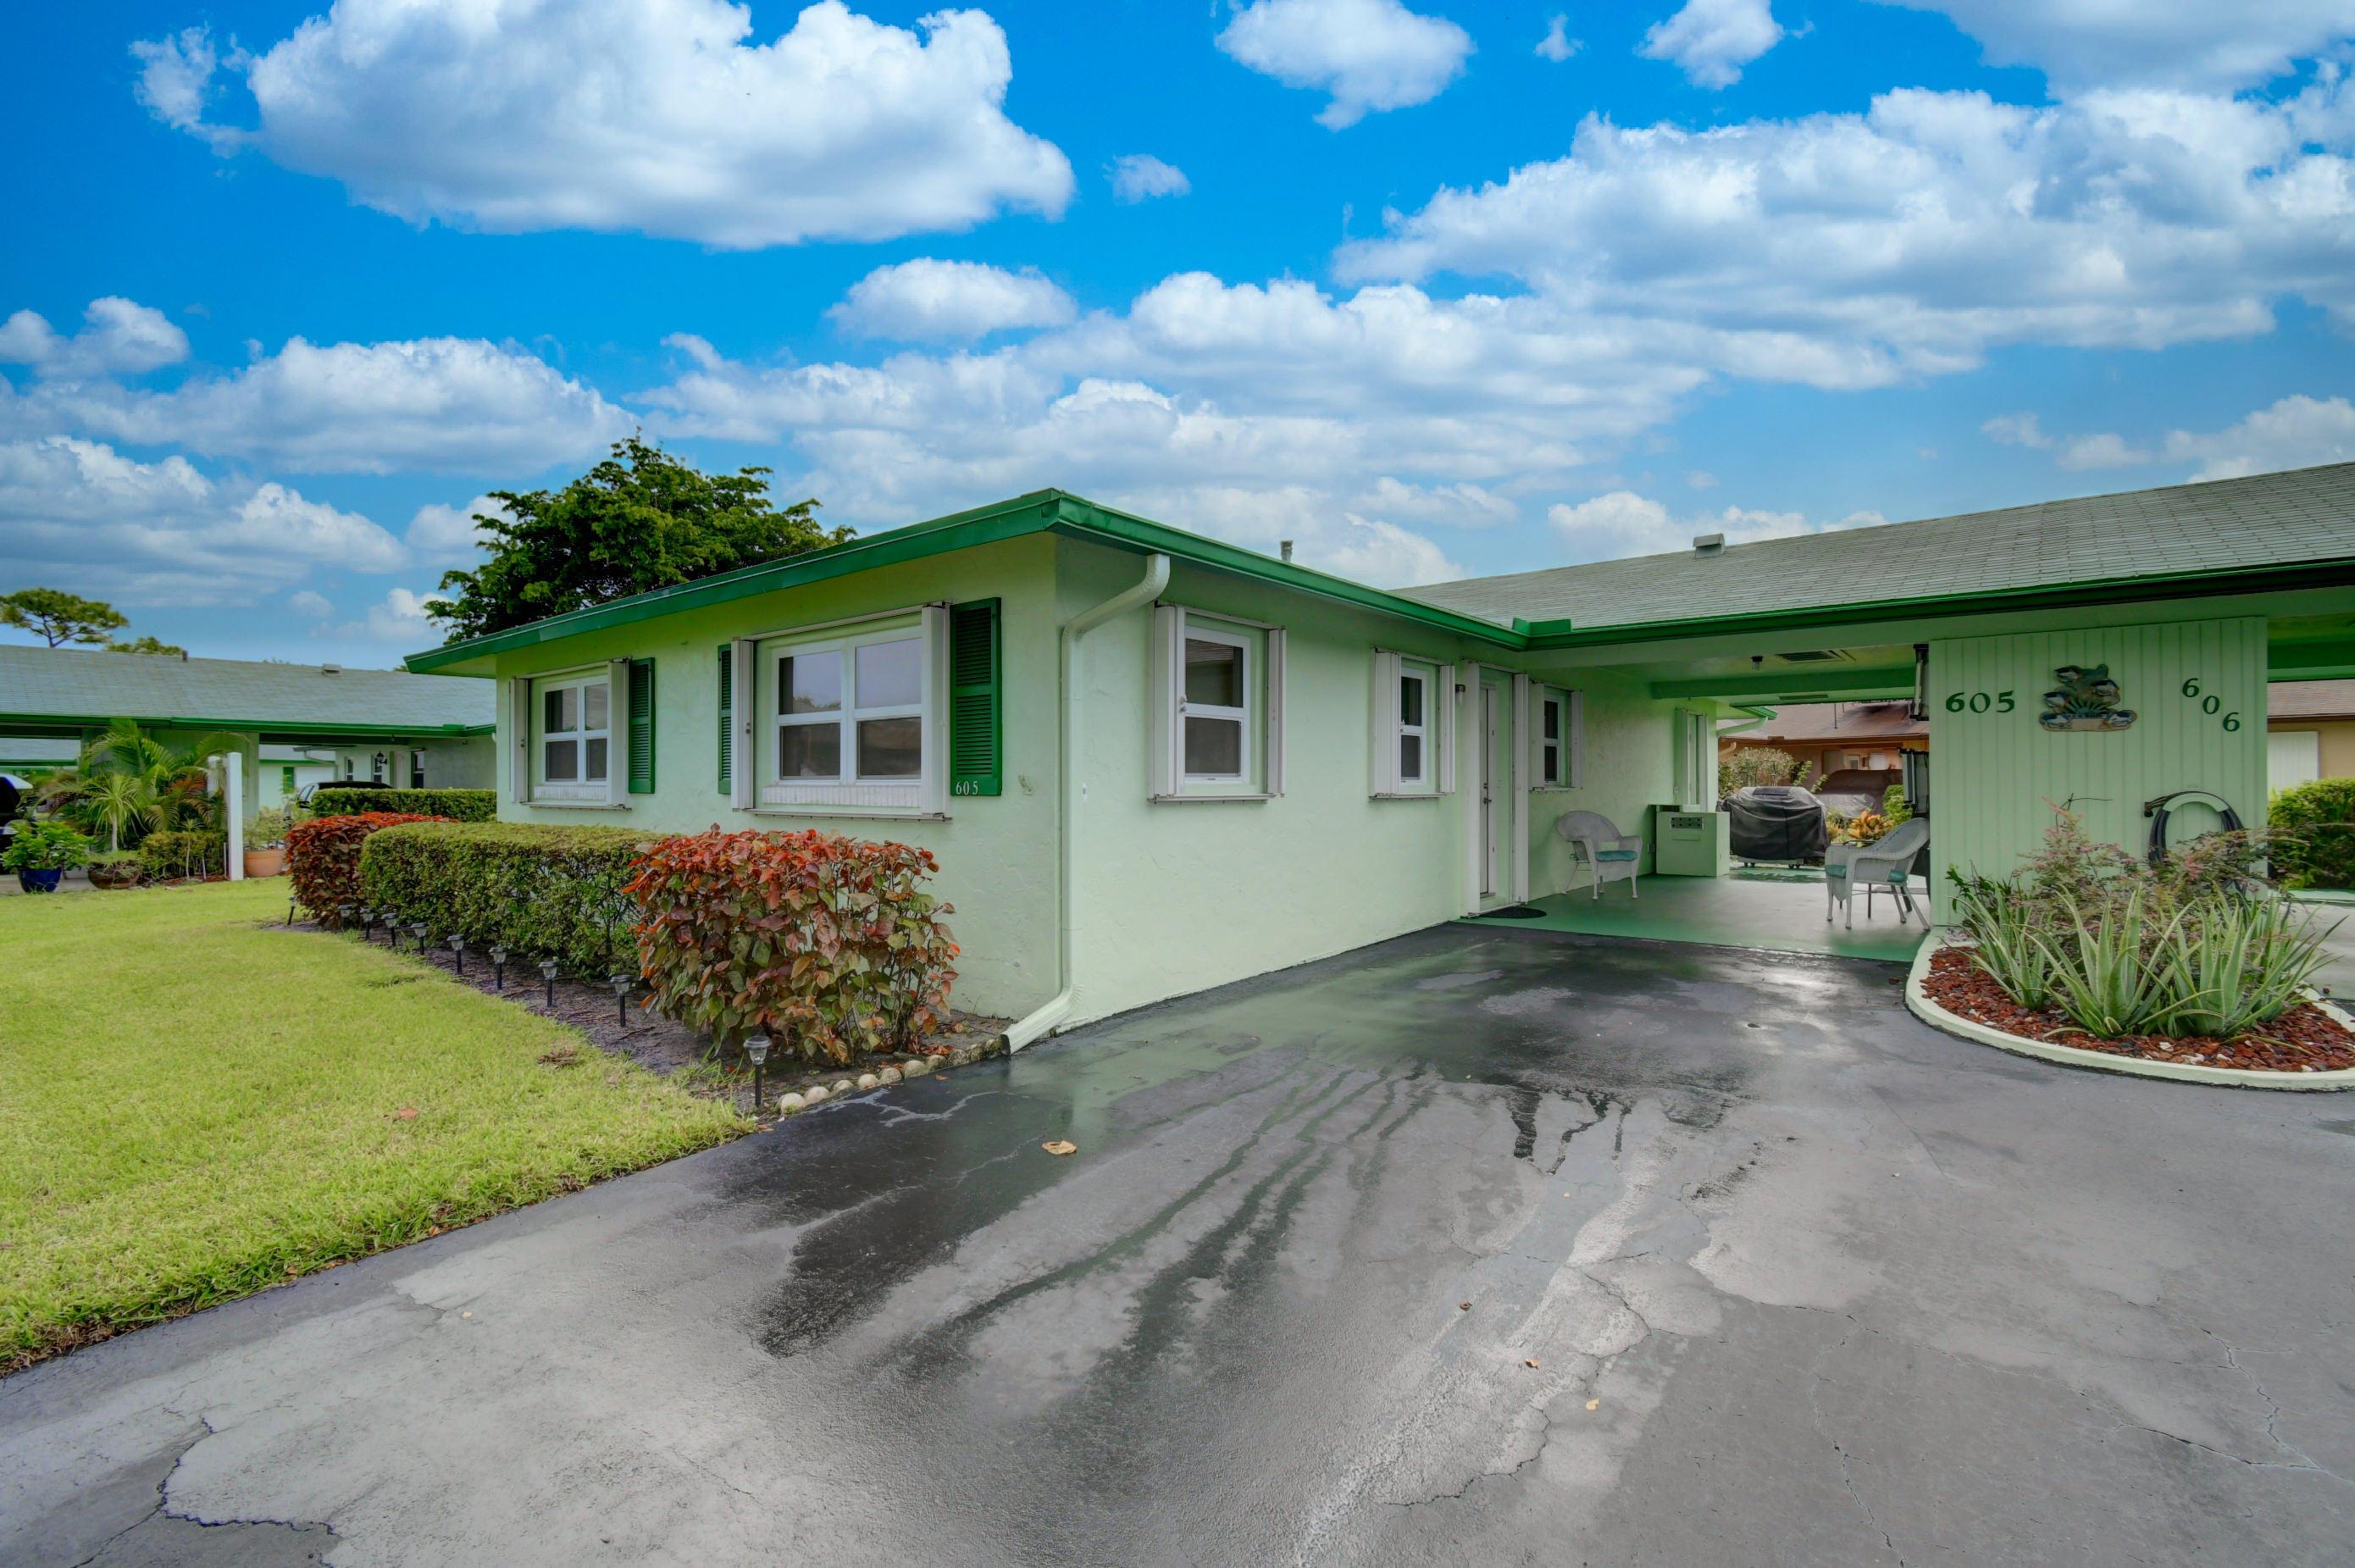 Details for 605 Hummingbird Lane, Delray Beach, FL 33445